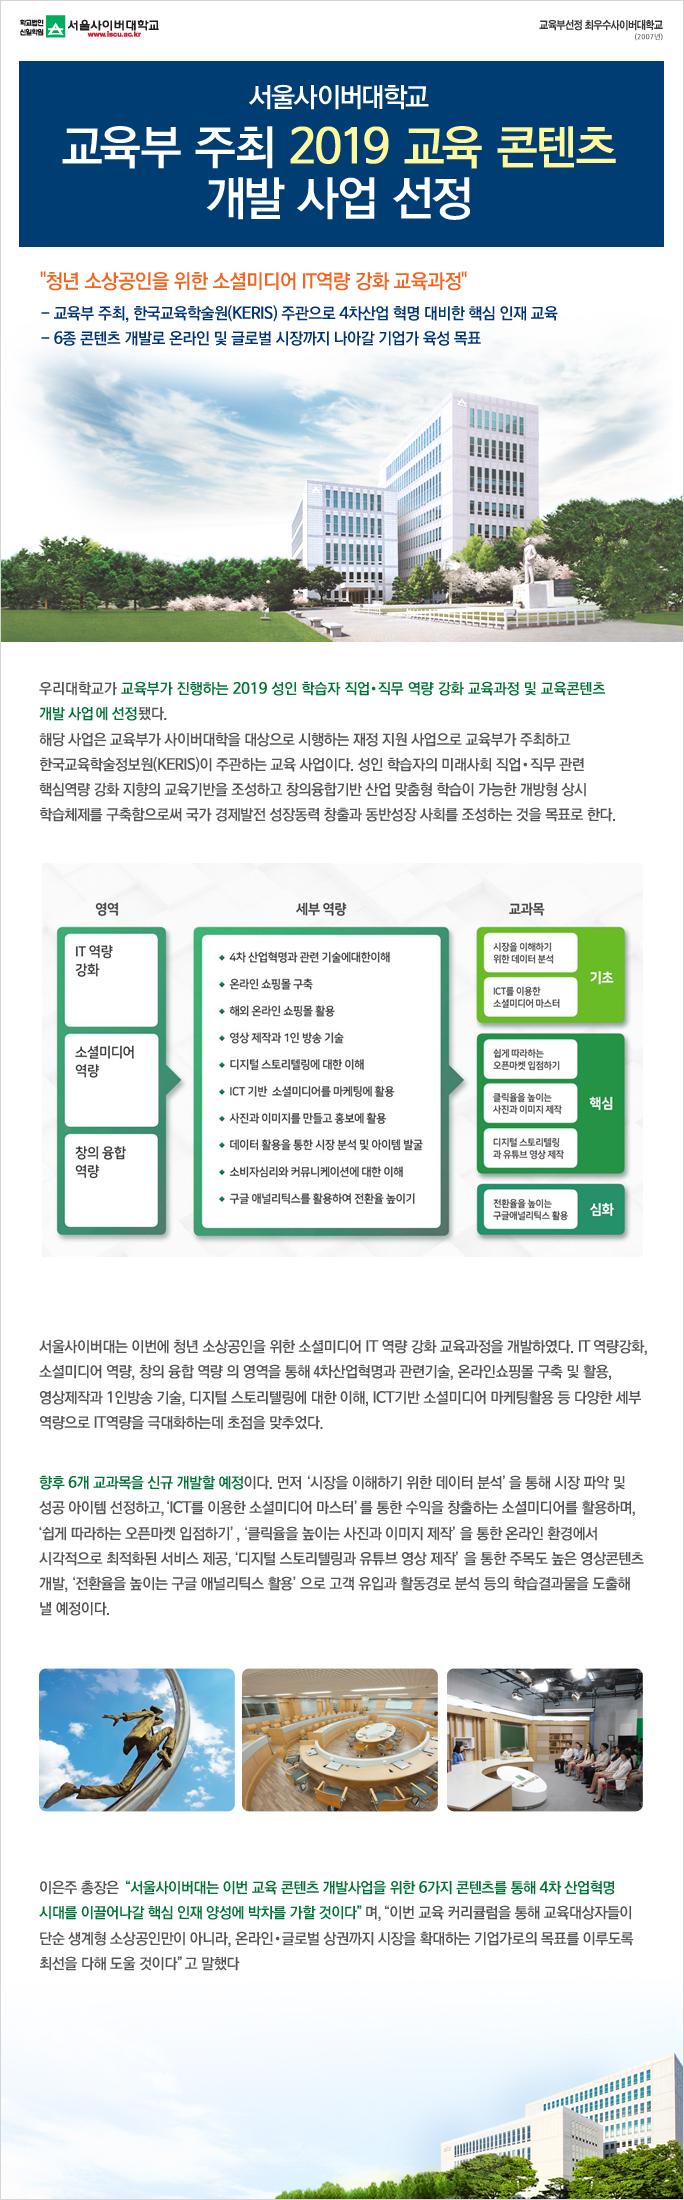 서울사이버대학교, 교육부 주최 2019 교육 콘텐츠 개발 사업 선정